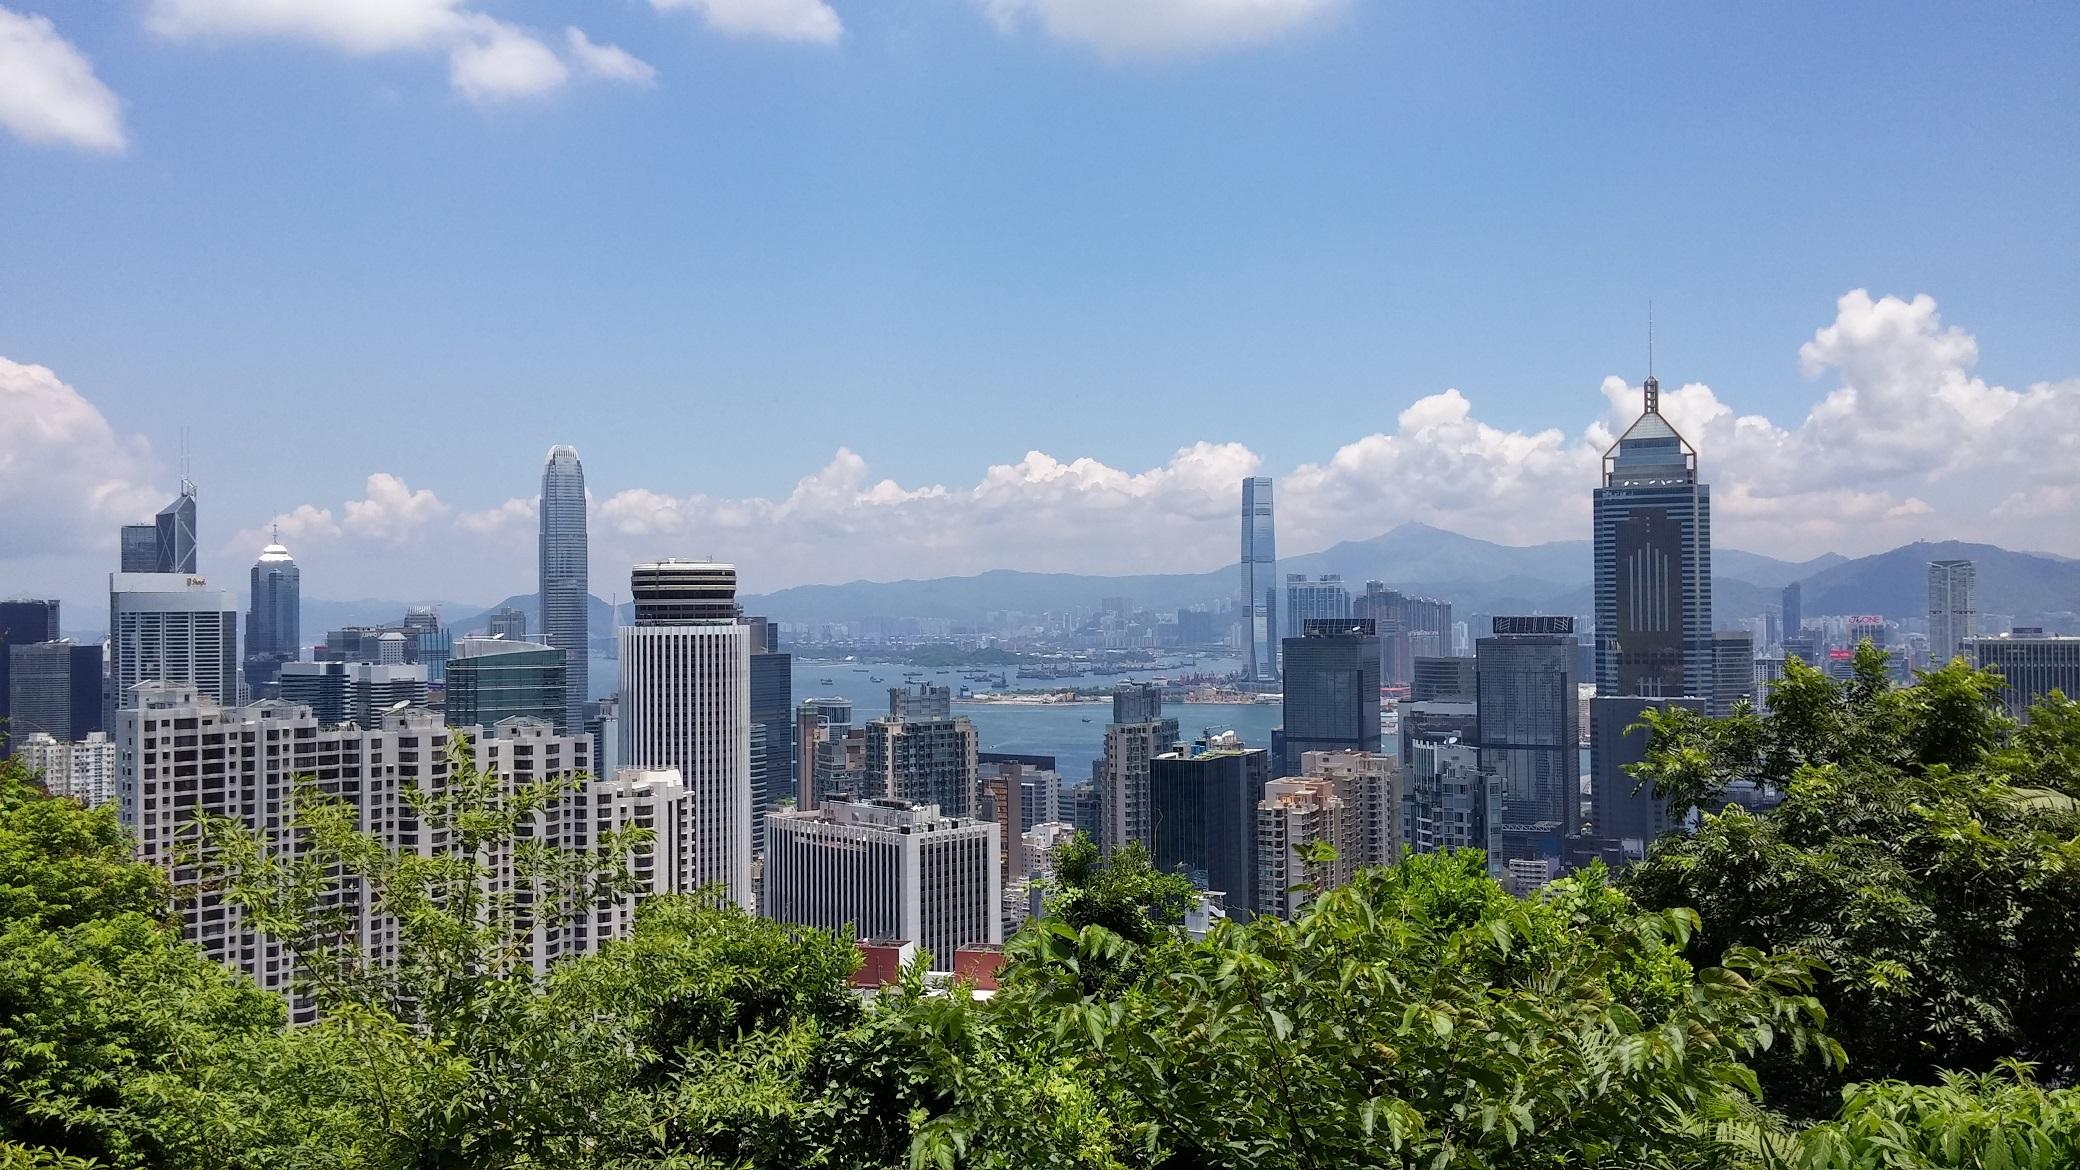 blue clear sky, Hong Kong skyline, harbor